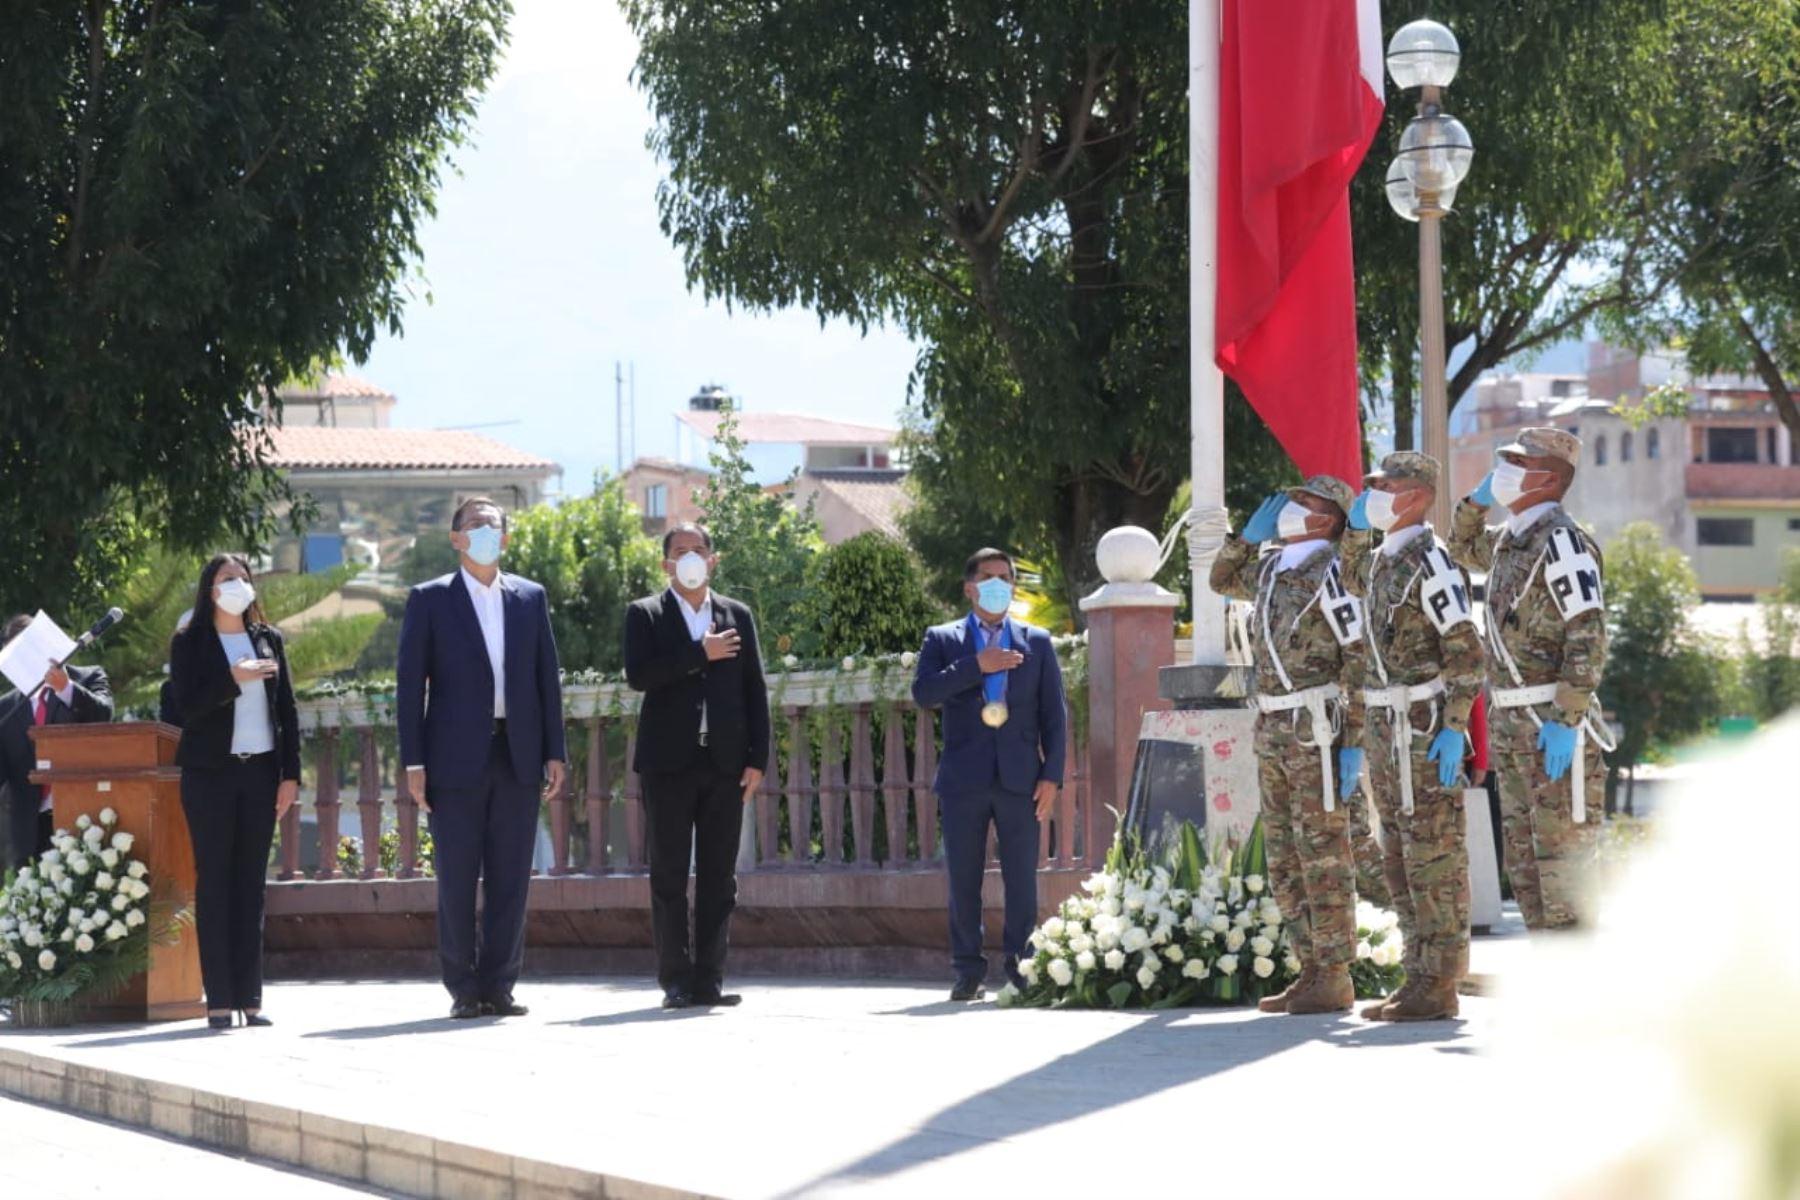 El Presidente de la República, Martín Vizcarra, preside la ceremonia por los 50 años del Terremoto del 31 de mayo de 1970 y se encuentra acompañado por los ministros de Salud, Interior y Educación. Foto: ANDINA/ Prensa Presidencia